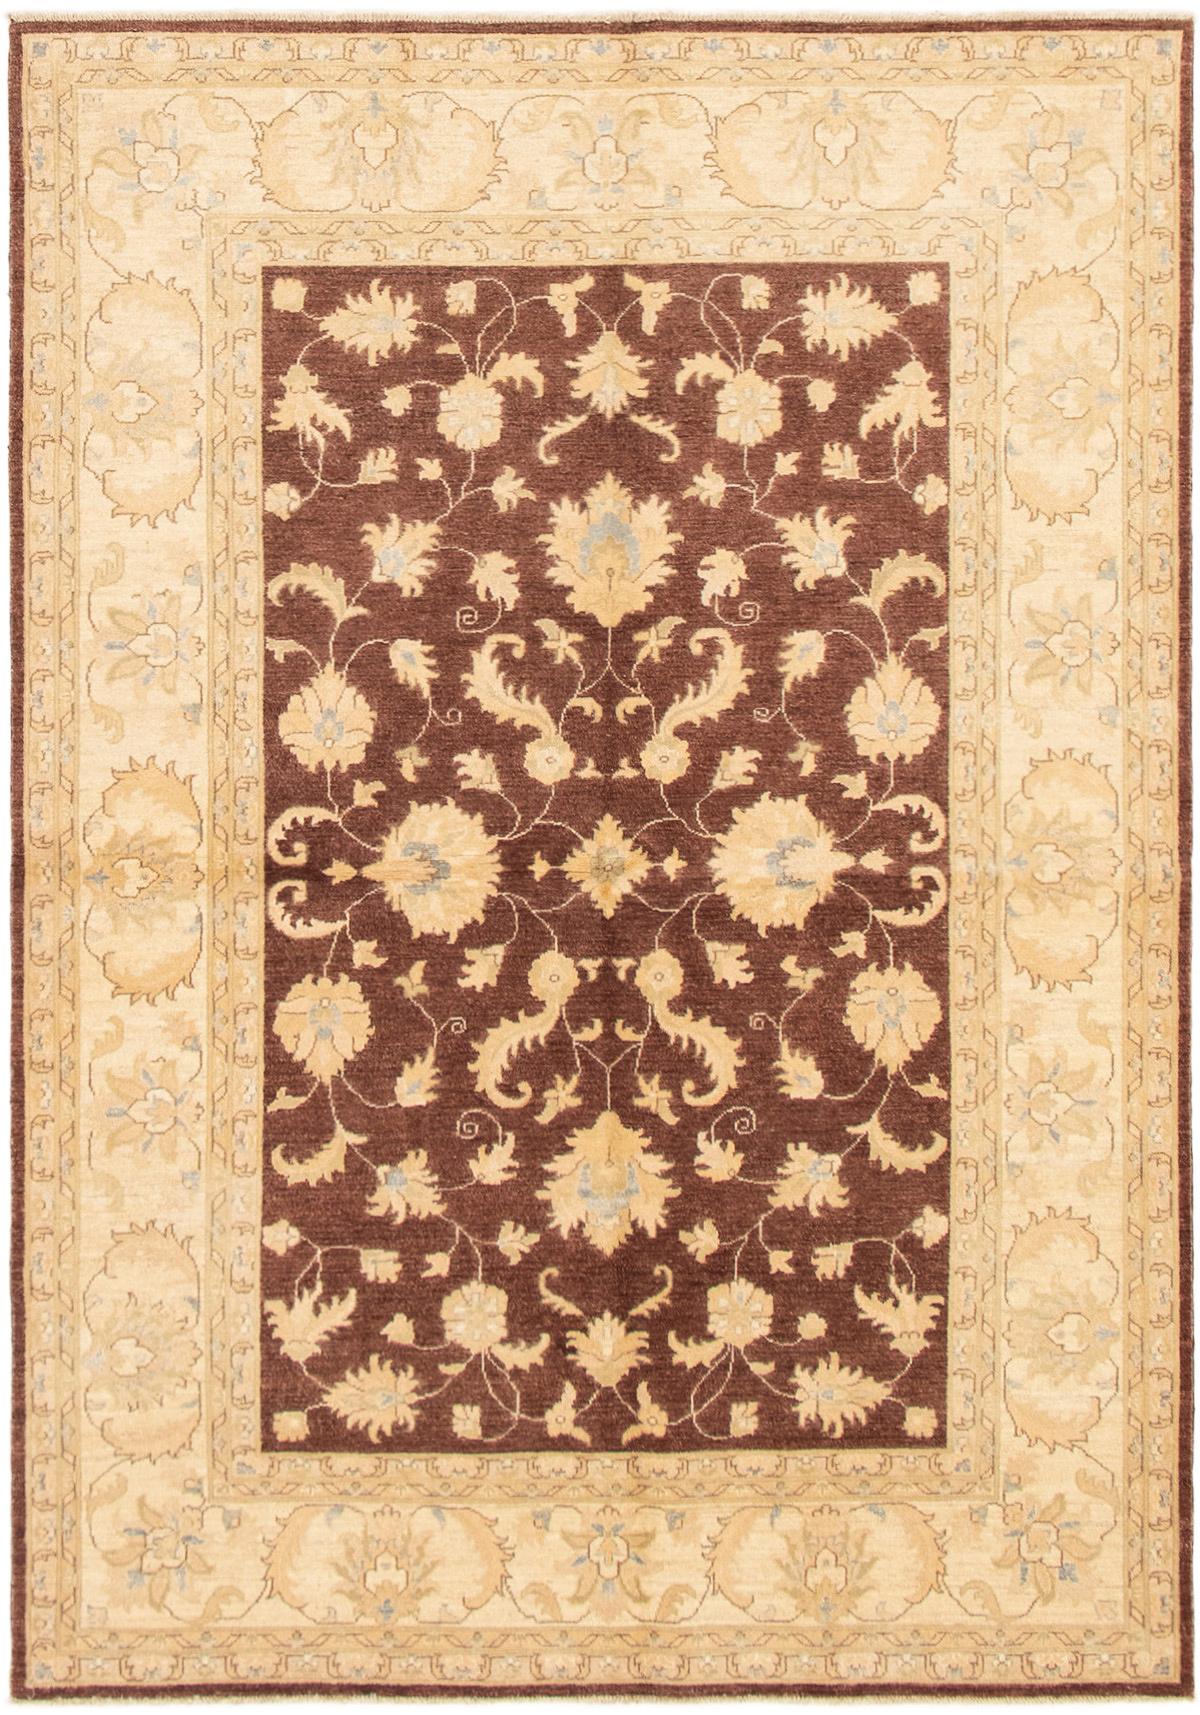 """Hand-knotted Peshawar Finest Dark Brown Wool Rug 6'2"""" x 8'9"""" Size: 6'2"""" x 8'9"""""""